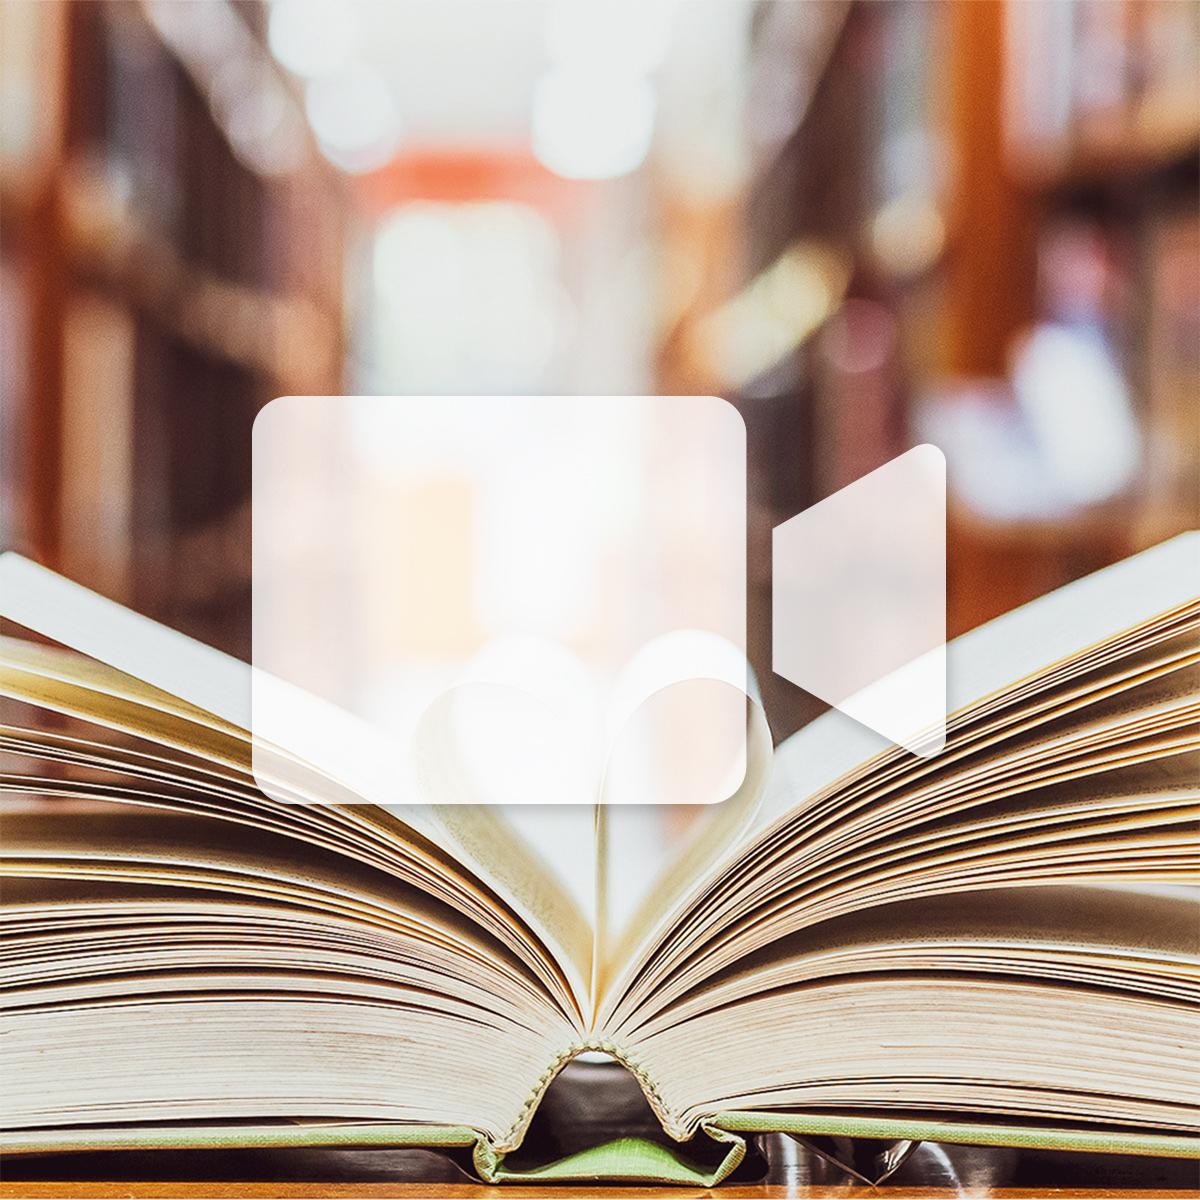 En ligne - Club de lecture - Séance du 1er octobre